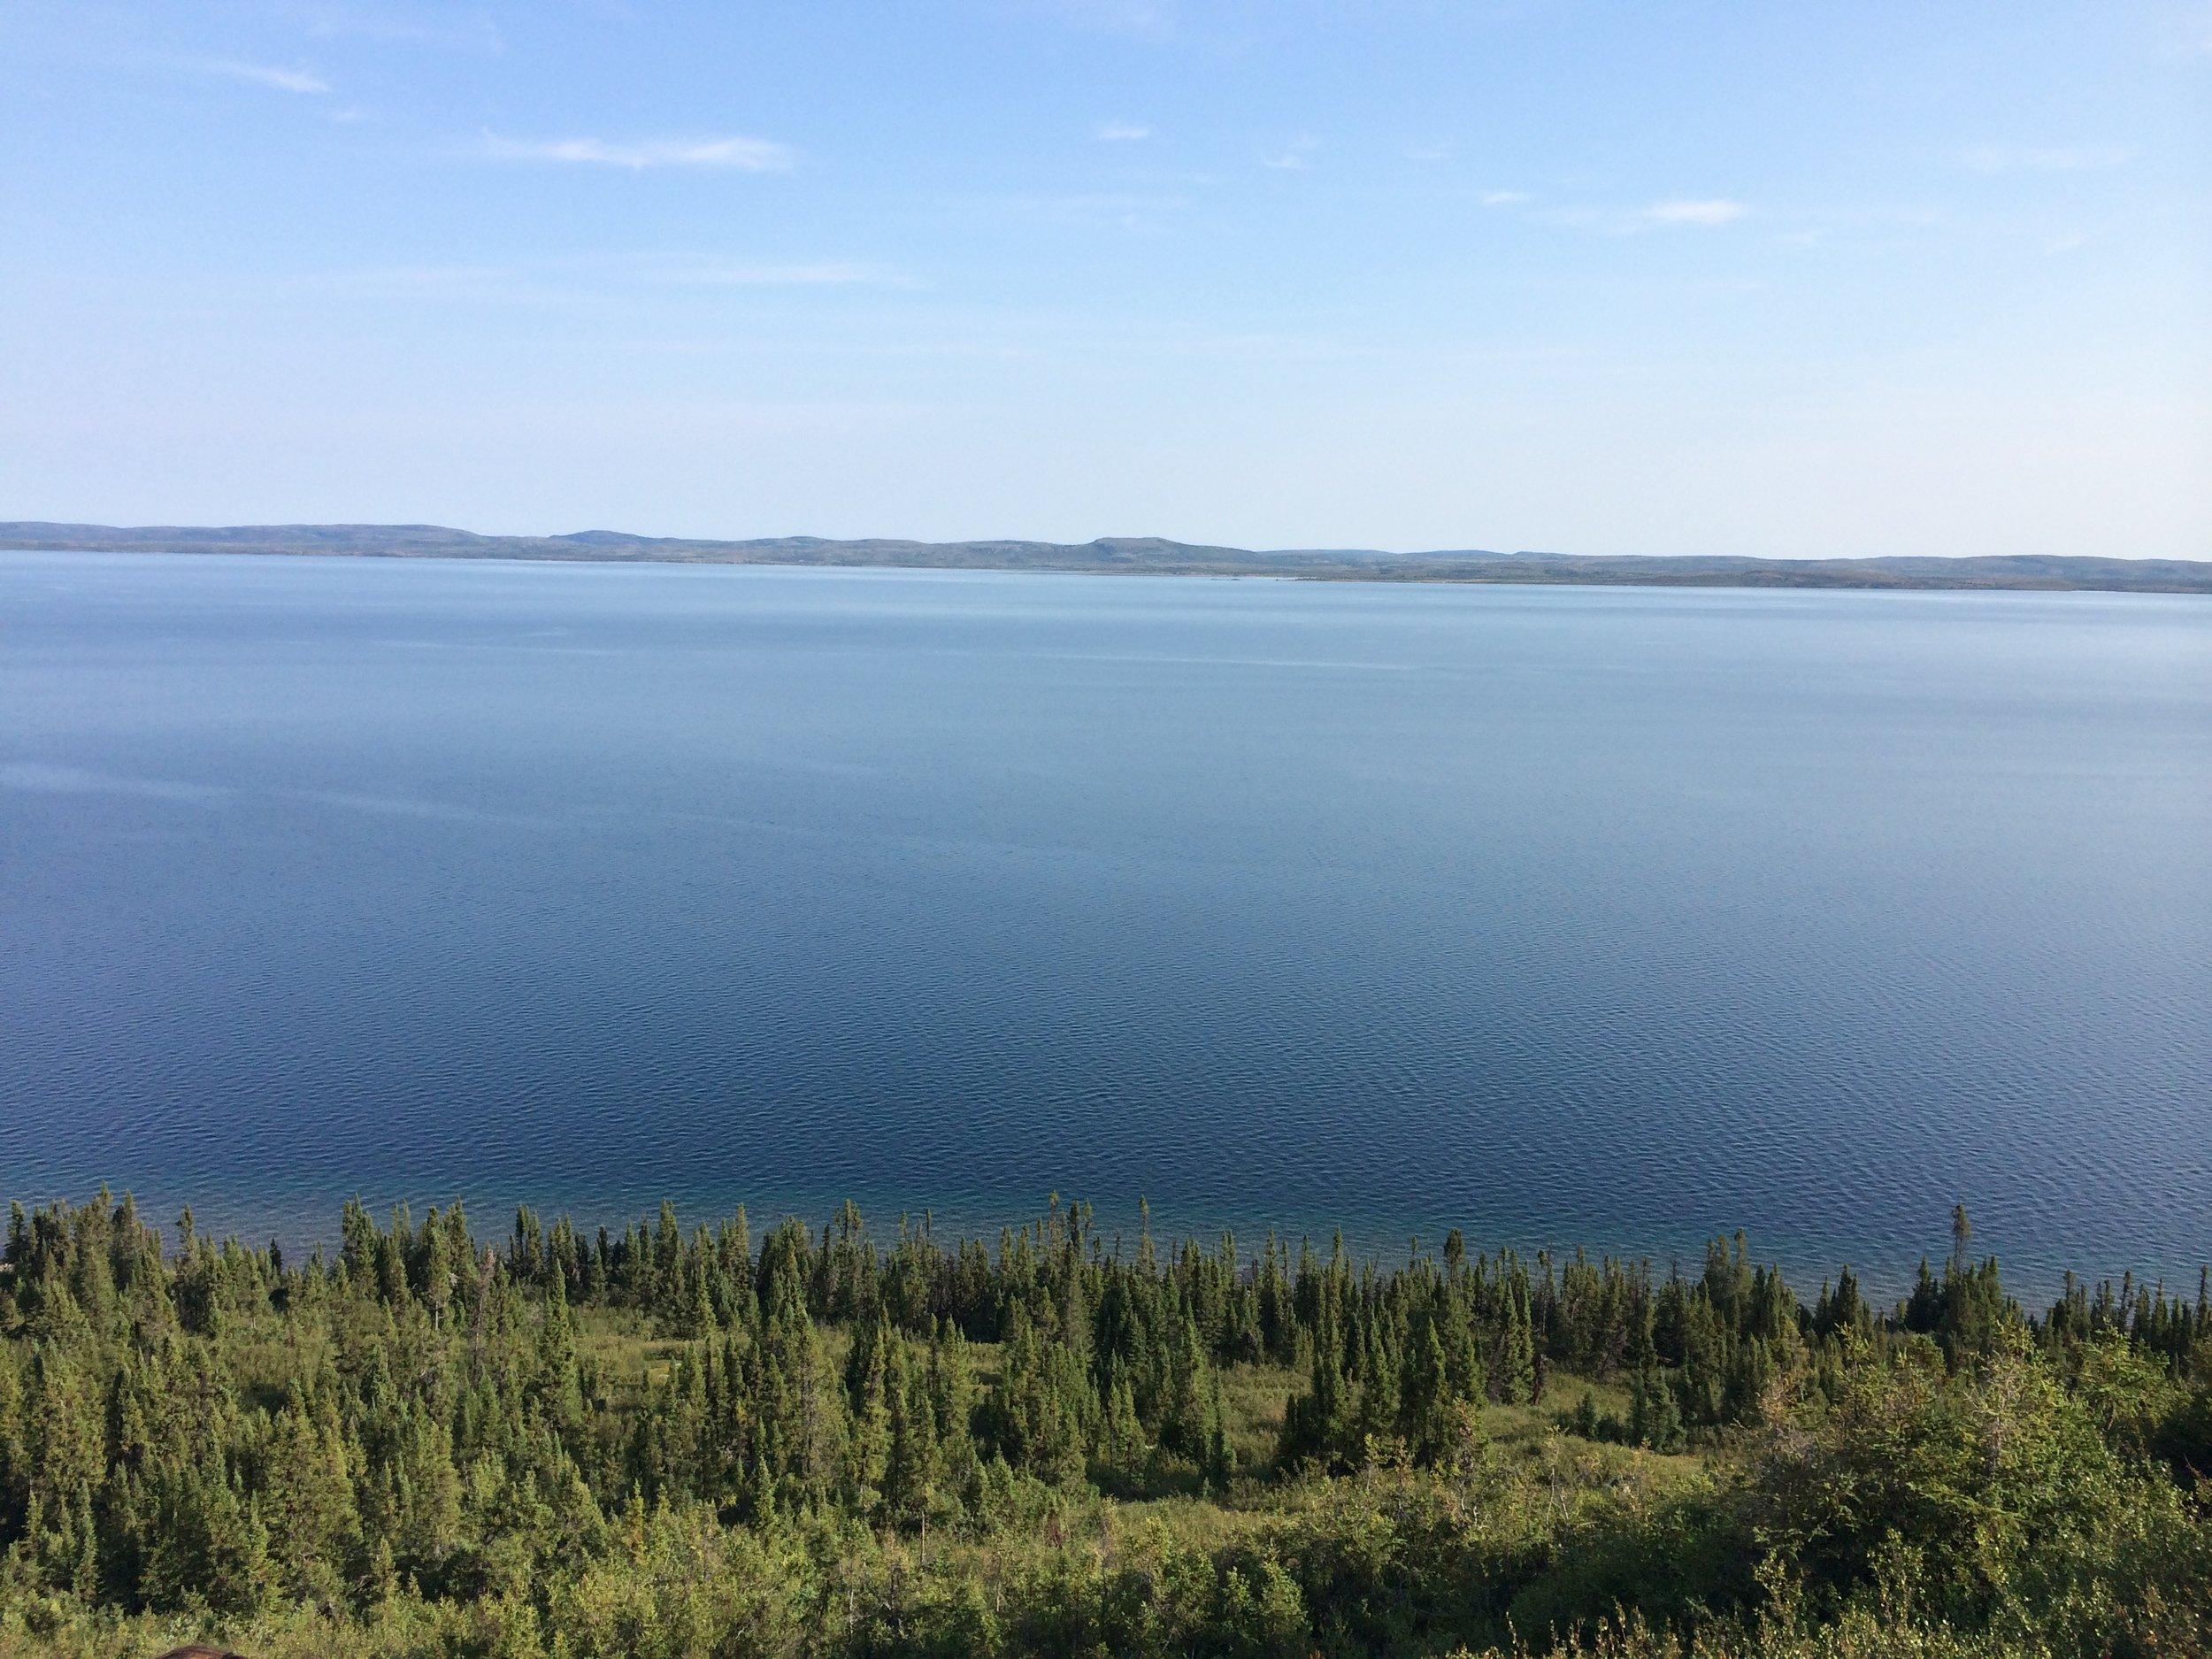 Lac a l'eau Claire